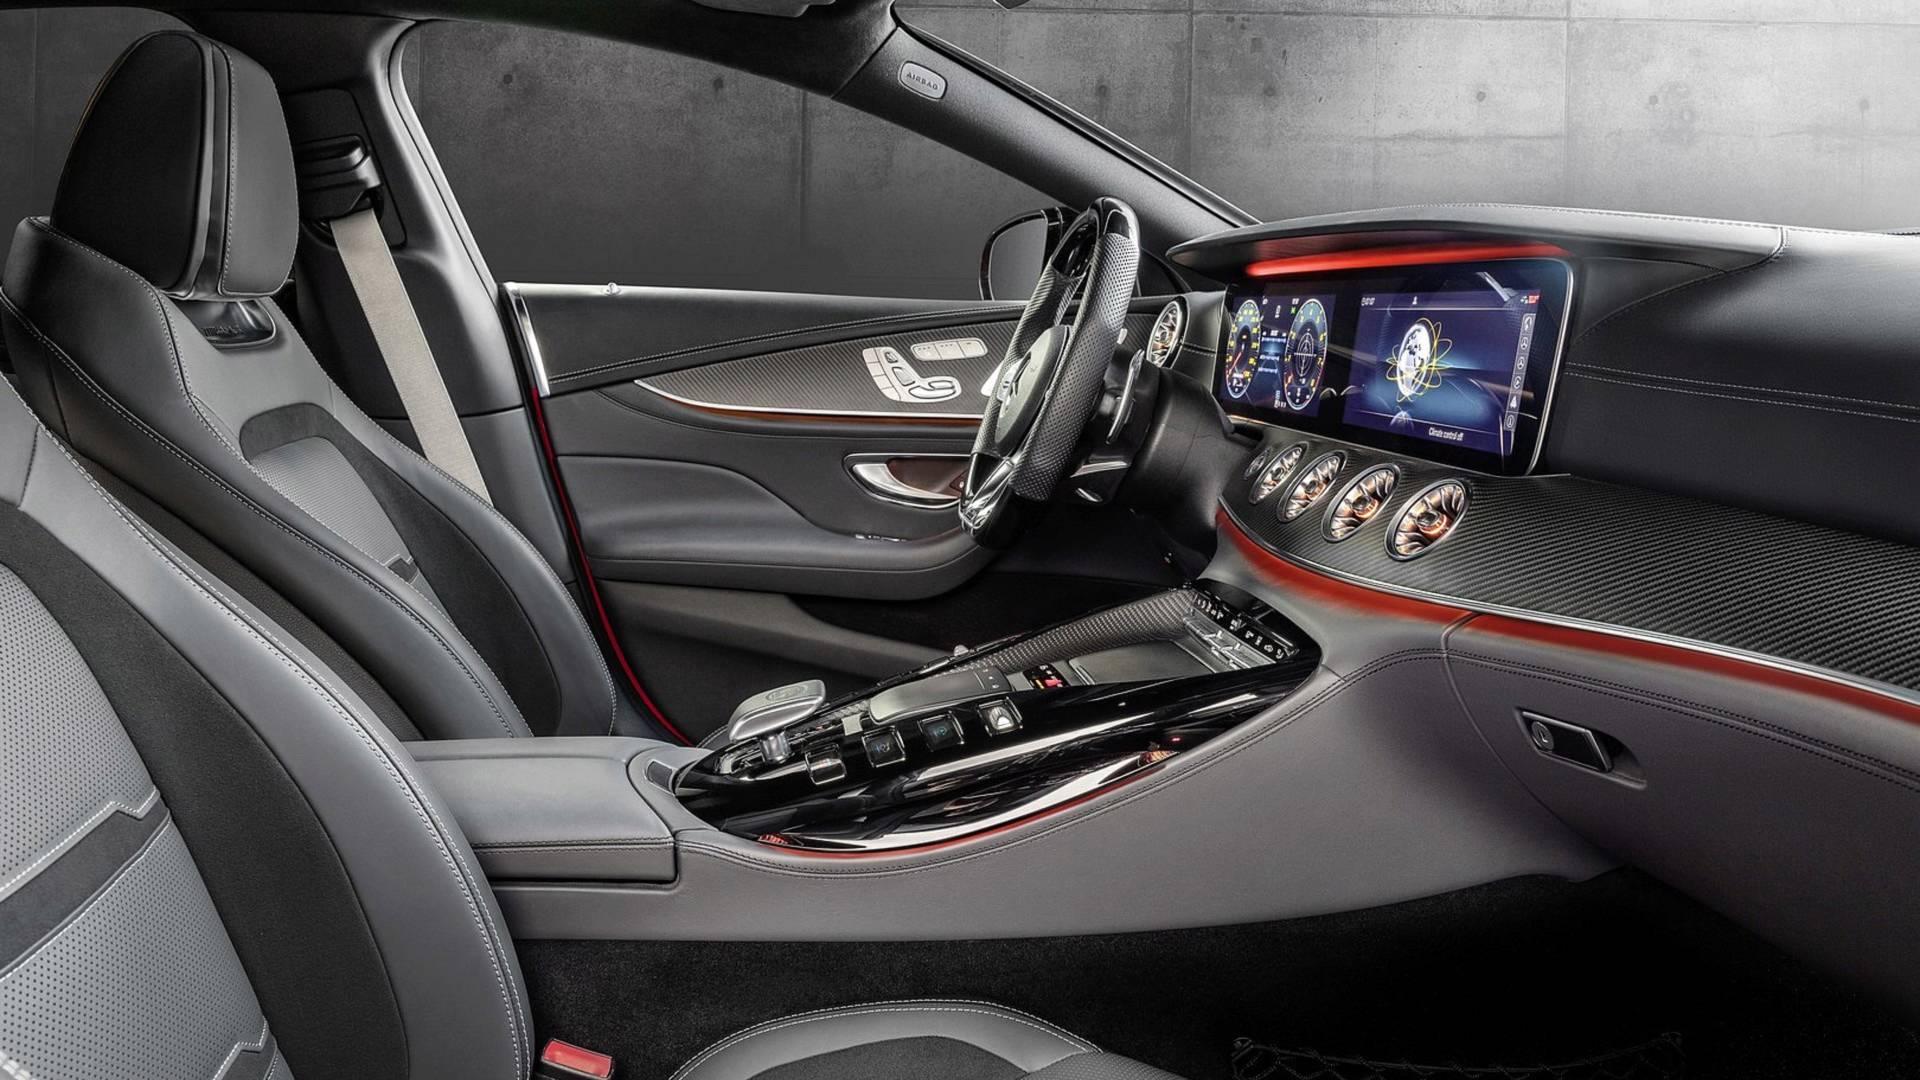 2019-mercedes-amg-gt-43-four-door-coupe (9).jpg